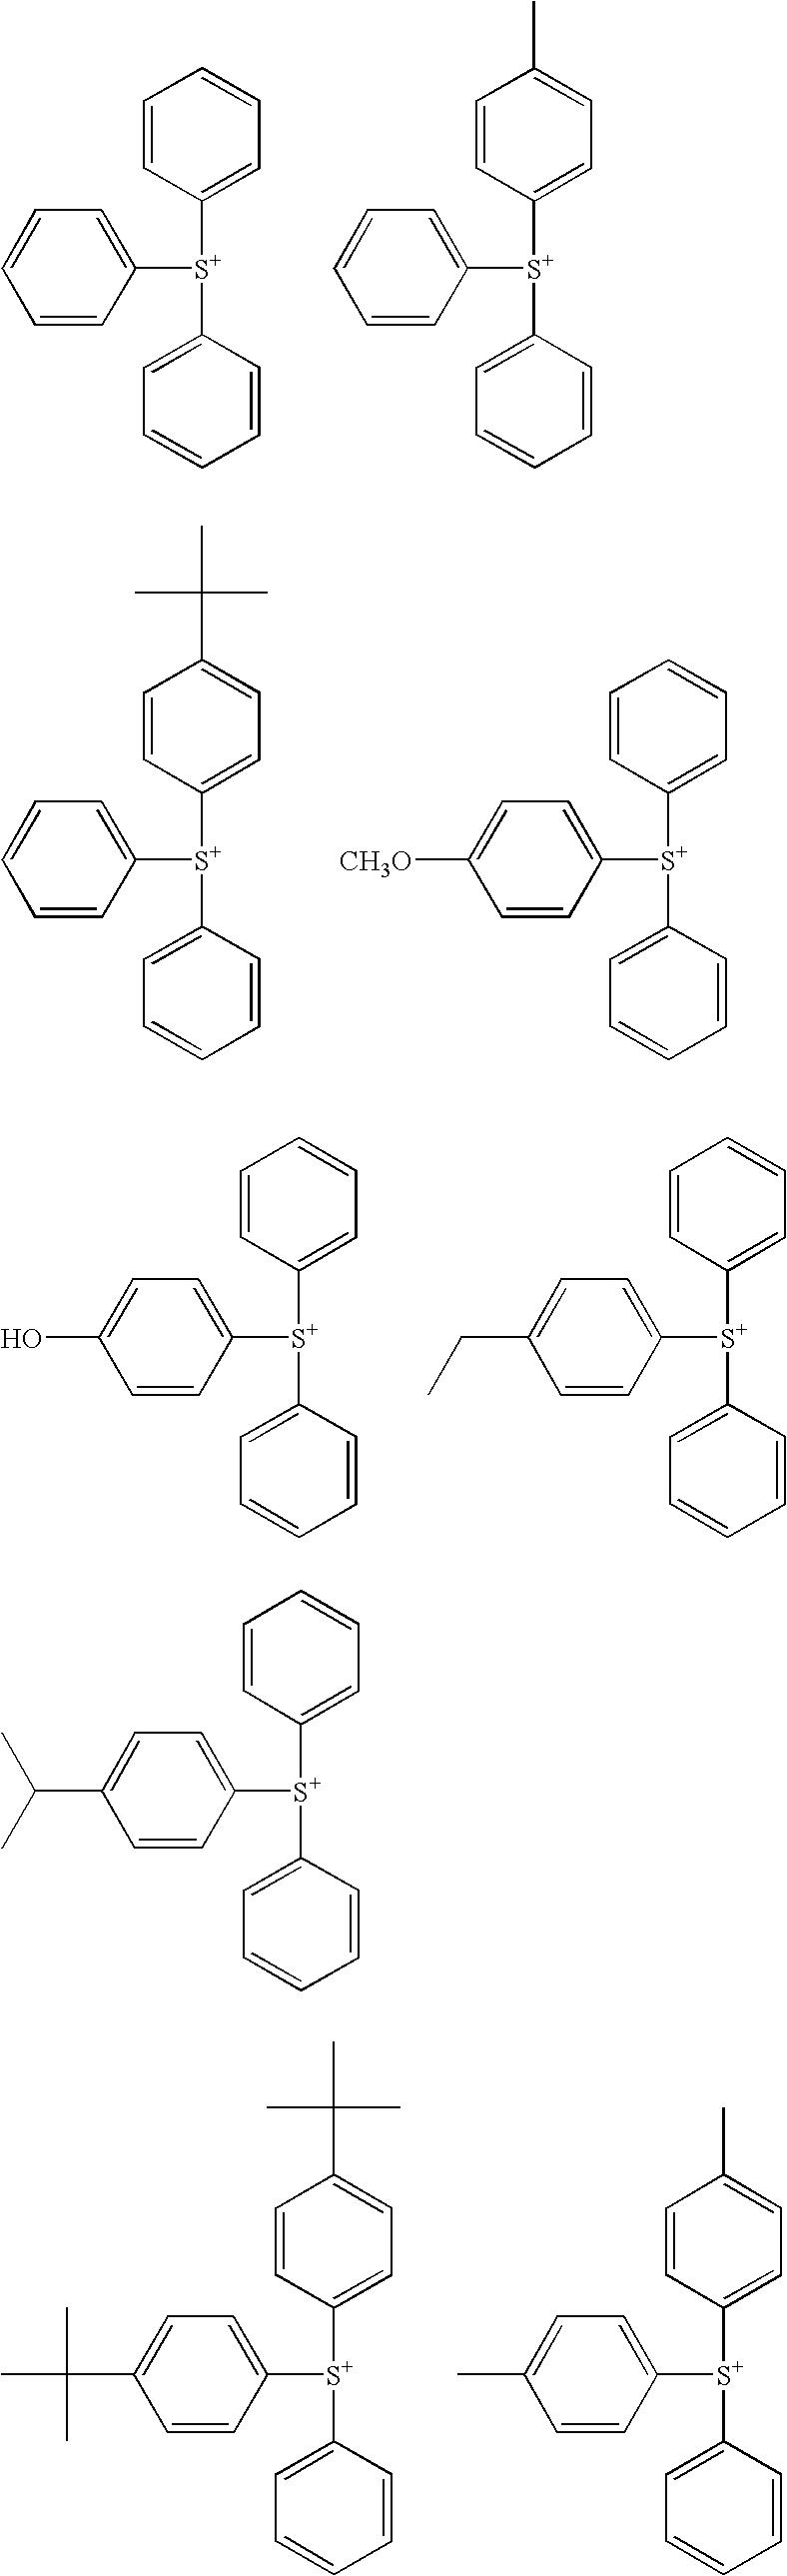 Figure US20060194982A1-20060831-C00014